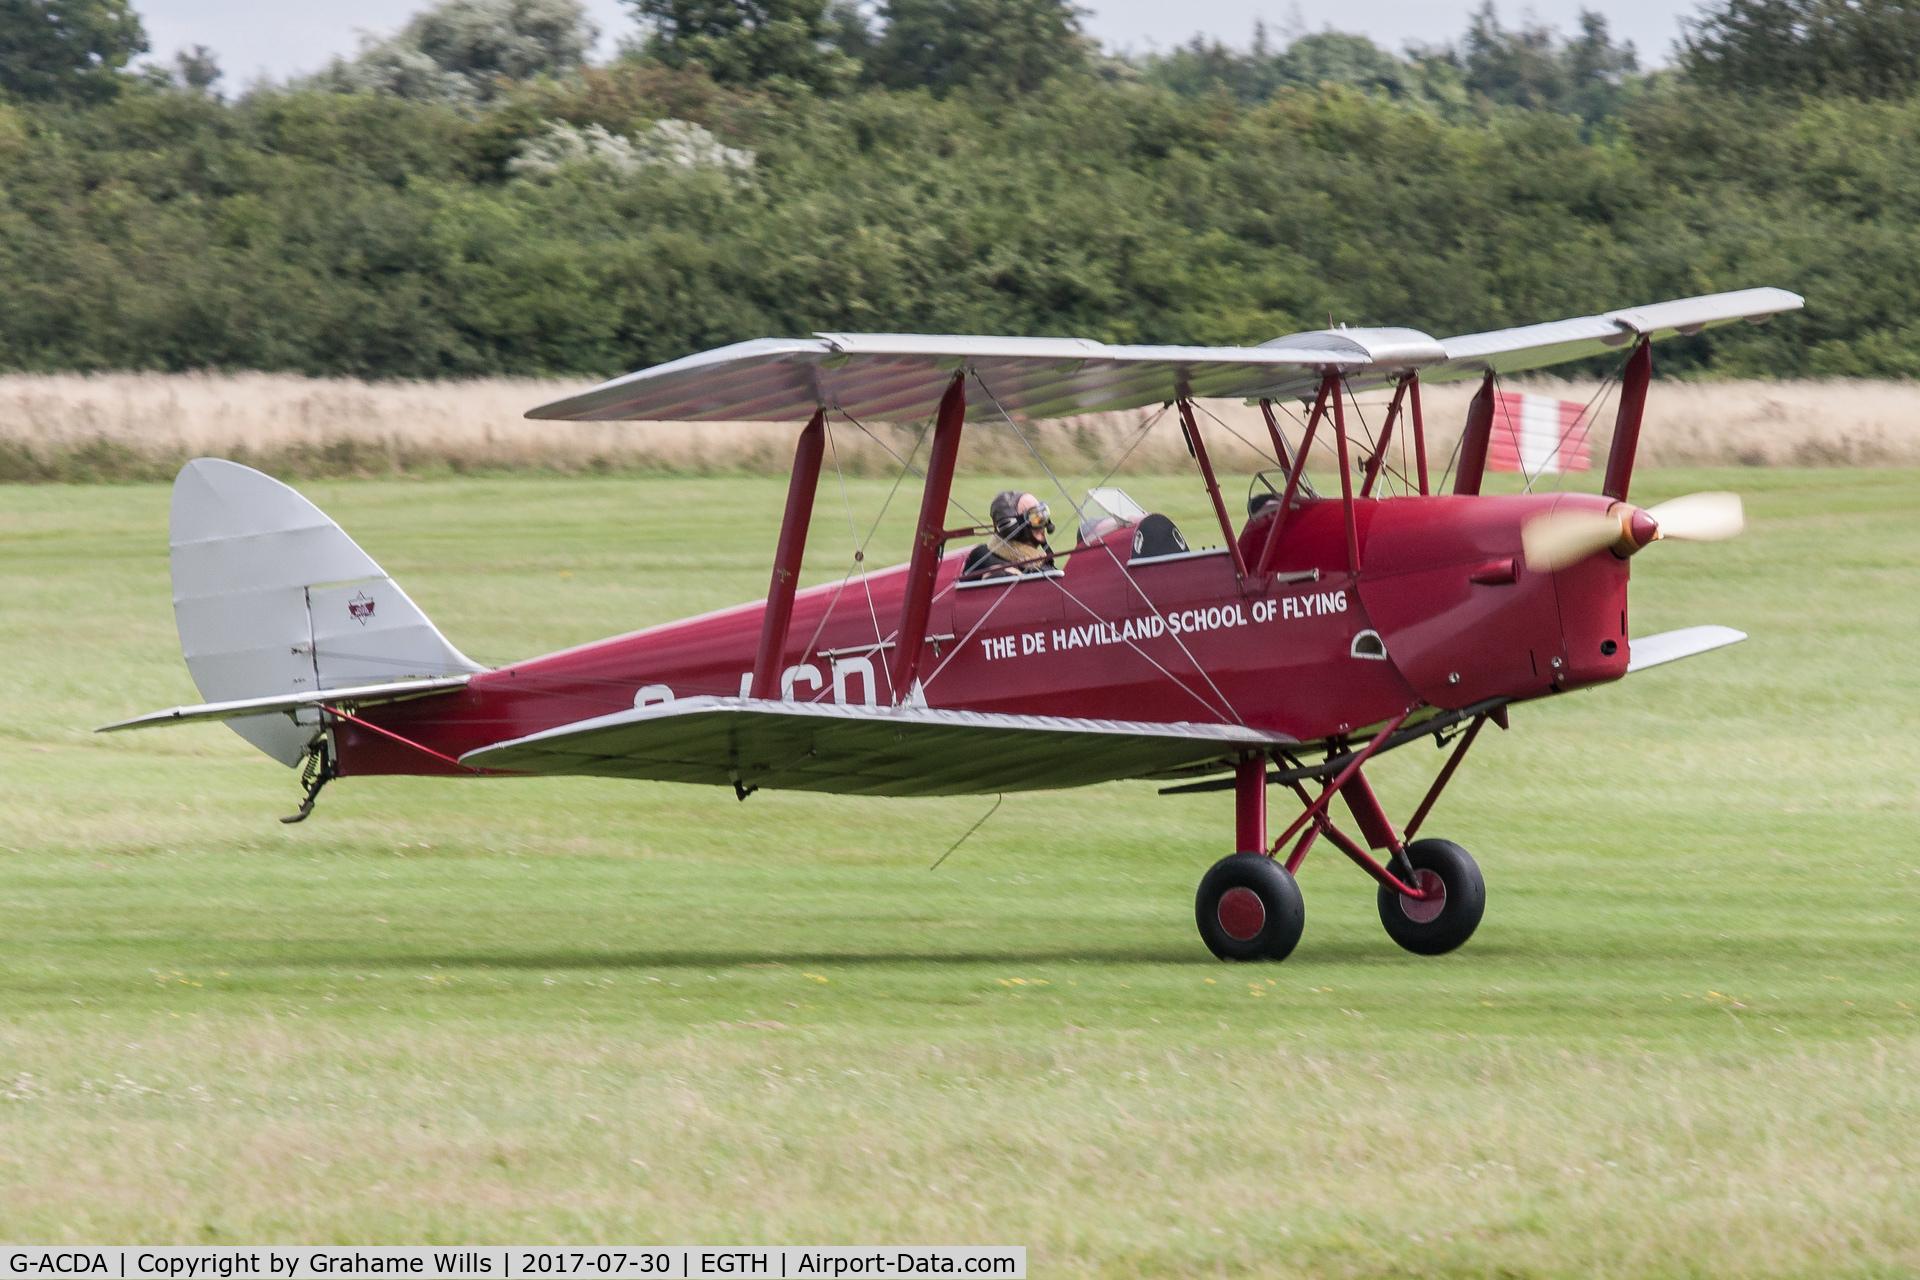 G-ACDA, 1934 De Havilland DH-82A Tiger Moth II C/N 3175, De Havilland DH82A Tiger Moth G-ACDA Gathering of Moths Old Warden 30/7/17